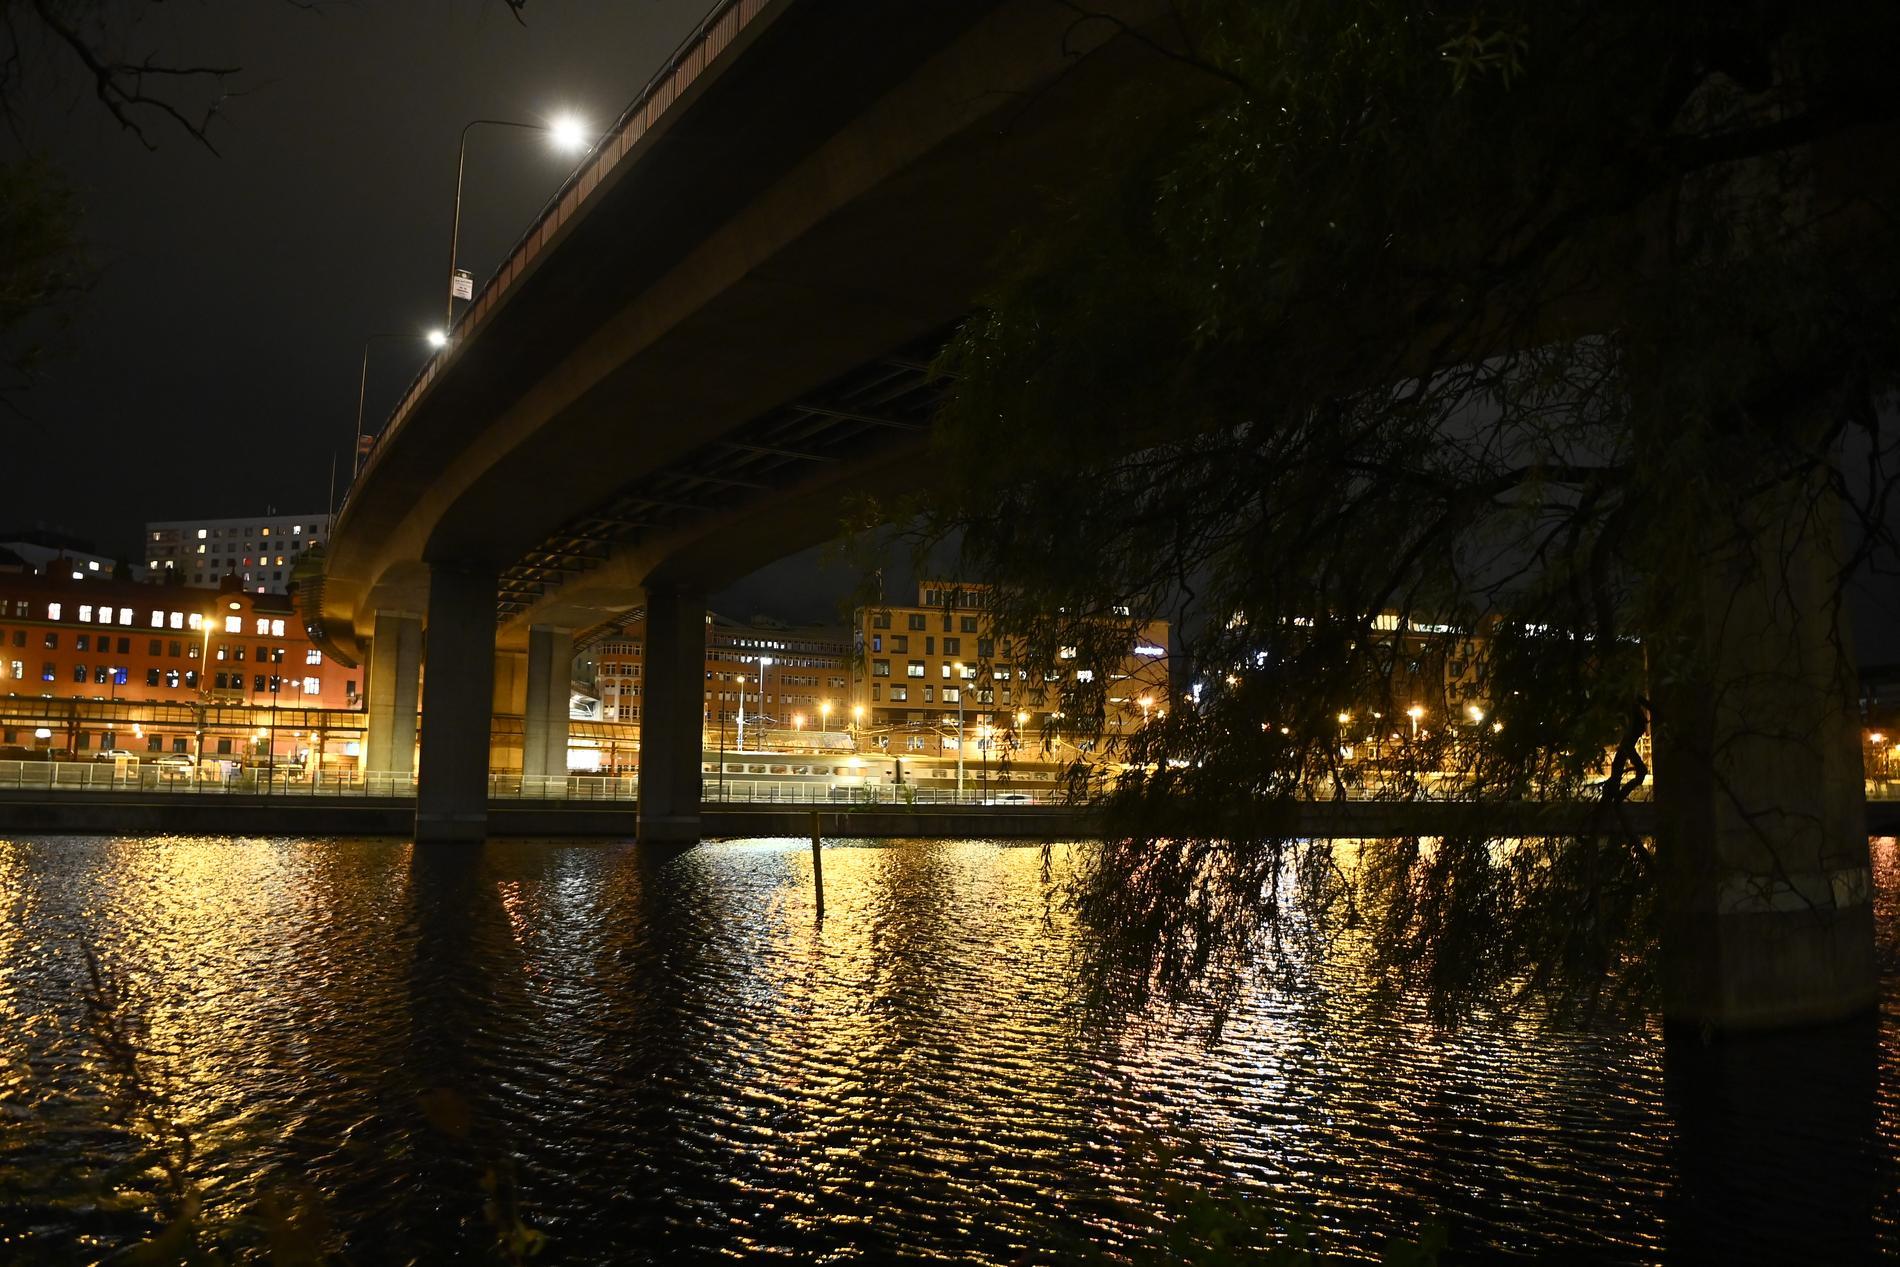 Barnhusviken utgör, tillsammans med Klara sjö och Karlbergskanalen, ett kanalsystem i centrala Stockholm – från Riddarfjärden till Solna – mellan stadsdelarna Norrmalm, Kungsholmen och Vasastaden. Längs Kungsholmsstranden, där torsdagens polisinsats pågick, går ett ett populärt promenadstråk.